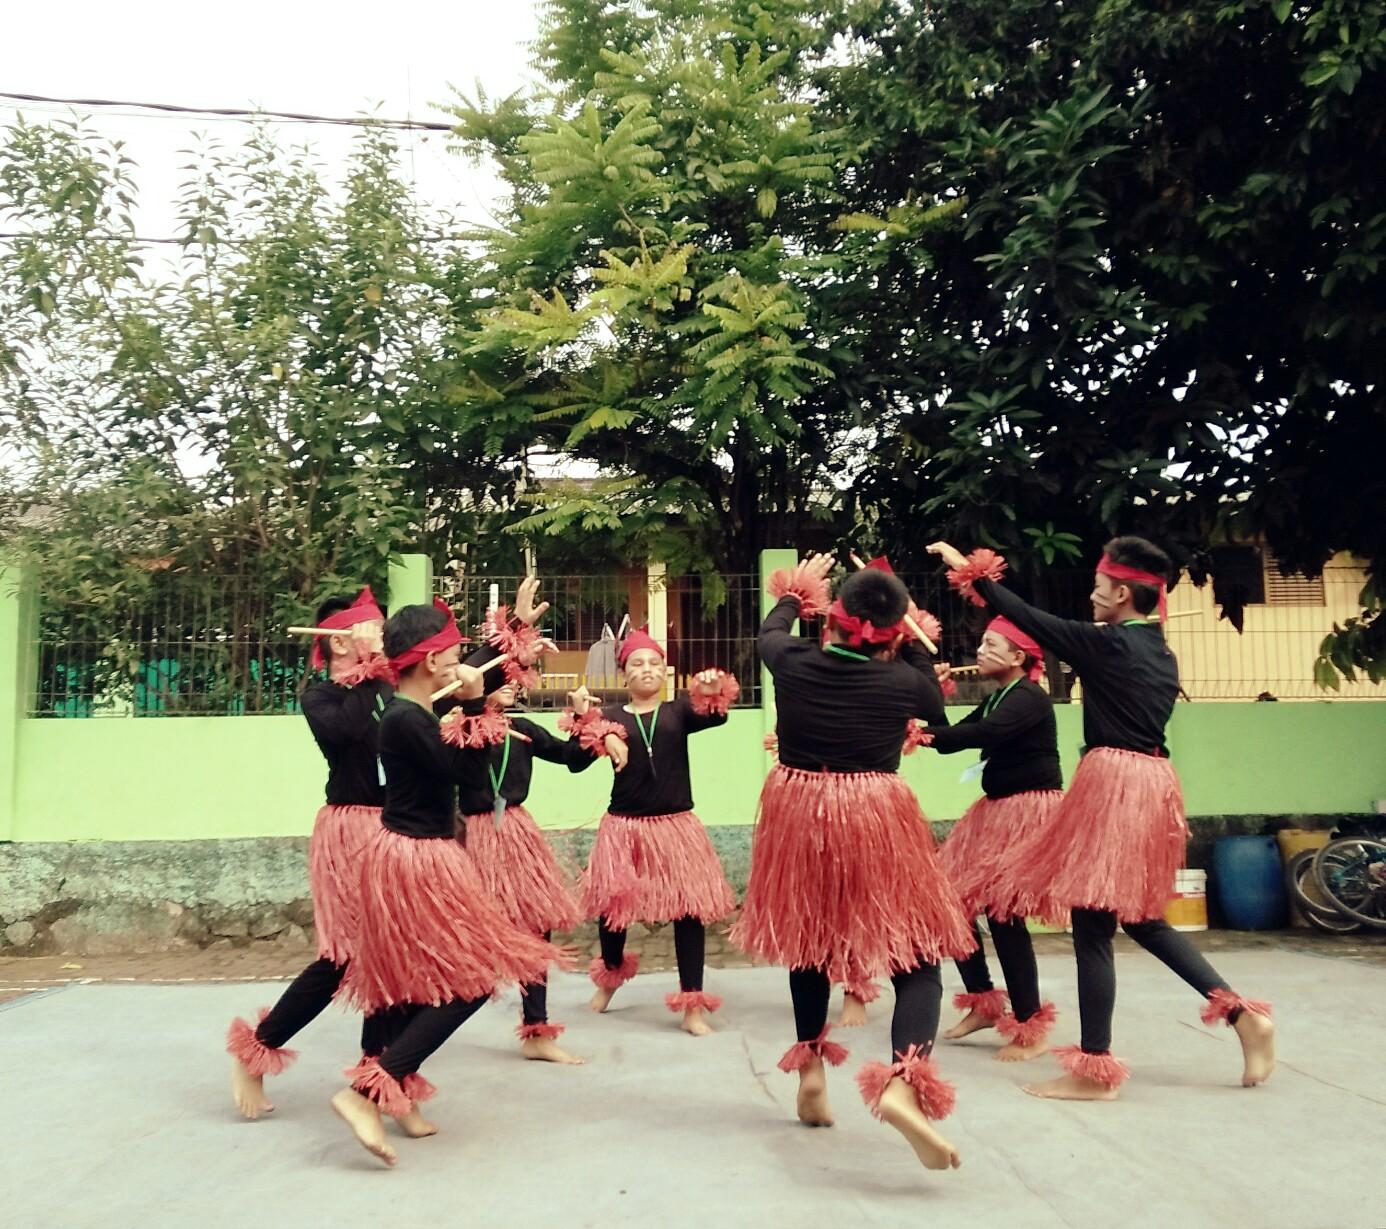 Tarian dari Papua| Dokumentasi pribadi